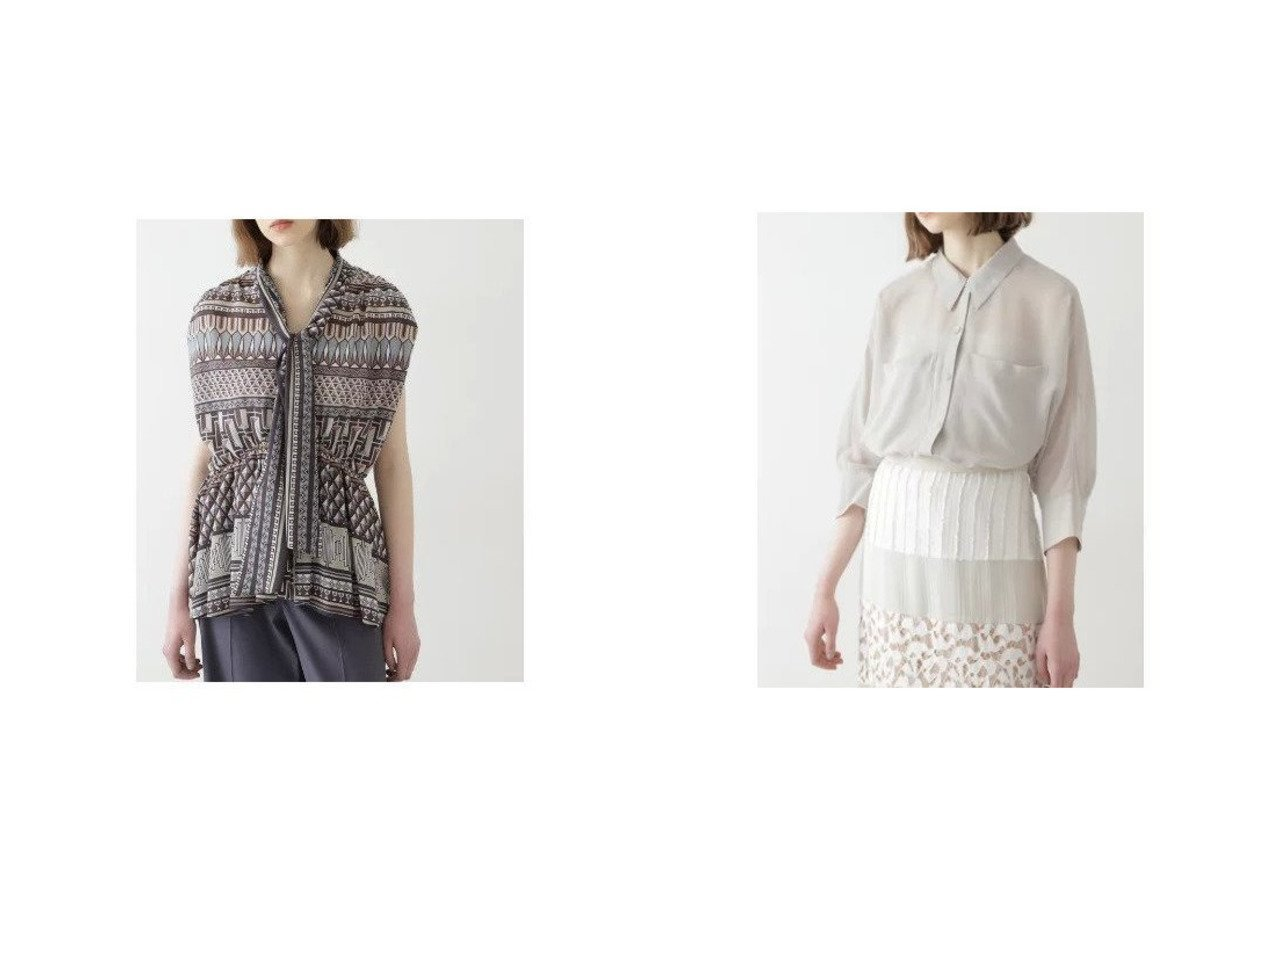 【BOSCH/ボッシュ】のアフリカンプリント ボータイブラウス&シアーフォルムシャツ 【トップス・カットソー】おすすめ!人気、トレンド・レディースファッションの通販 おすすめで人気の流行・トレンド、ファッションの通販商品 インテリア・家具・メンズファッション・キッズファッション・レディースファッション・服の通販 founy(ファニー) https://founy.com/ ファッション Fashion レディースファッション WOMEN トップス・カットソー Tops/Tshirt シャツ/ブラウス Shirts/Blouses ギャザー サテン スタンダード トレンド ノースリーブ フォルム プリント ボーダー シアー 羽織 |ID:crp329100000048330